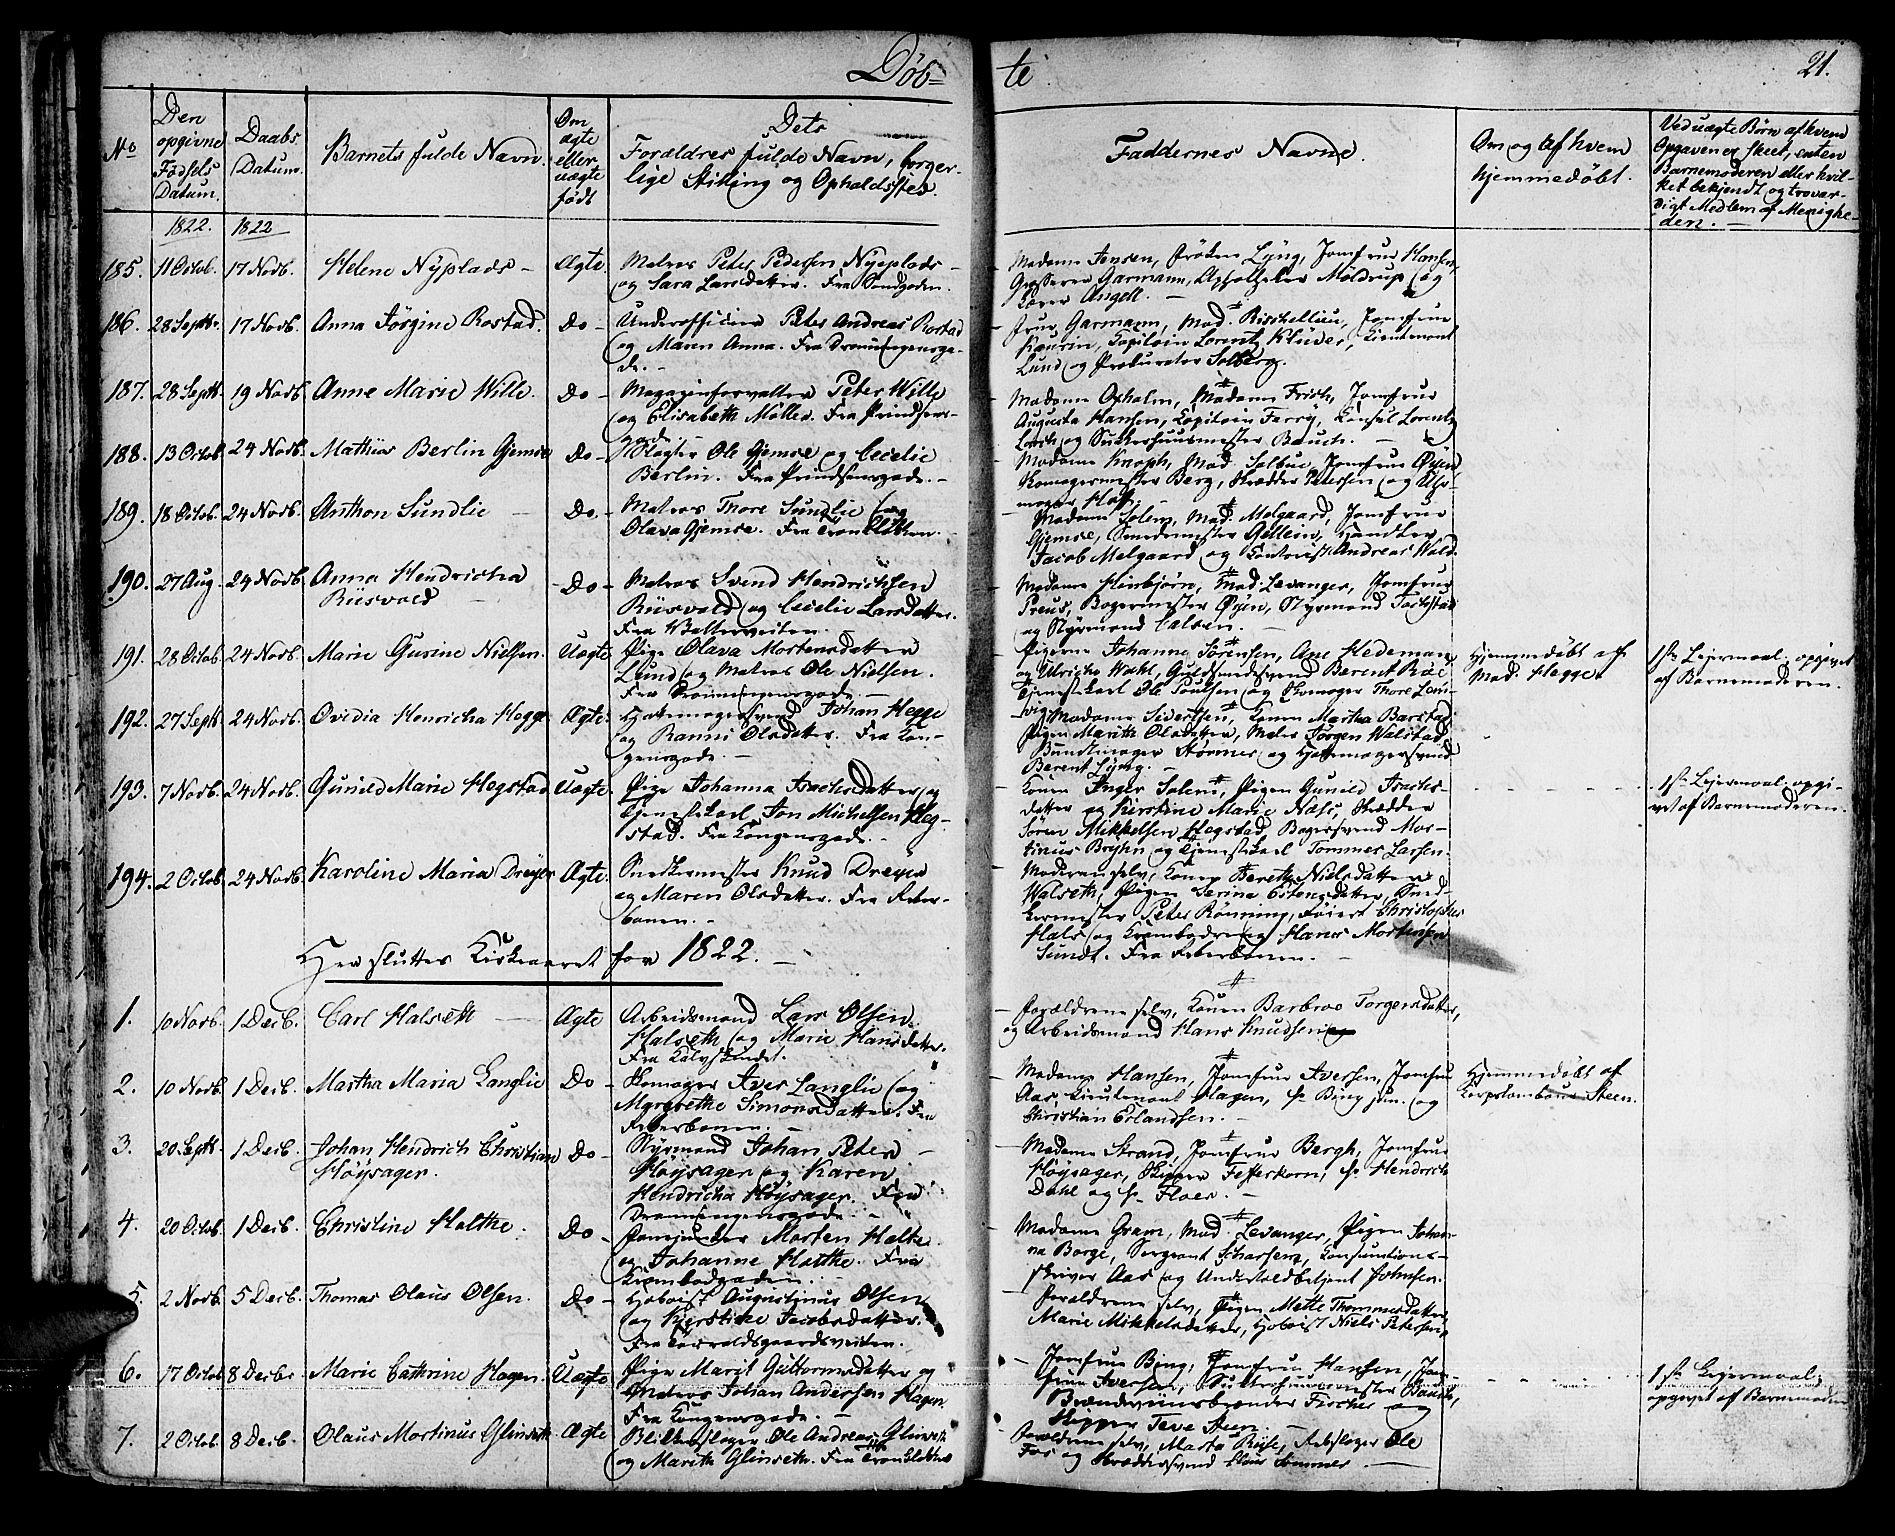 SAT, Ministerialprotokoller, klokkerbøker og fødselsregistre - Sør-Trøndelag, 601/L0045: Ministerialbok nr. 601A13, 1821-1831, s. 21